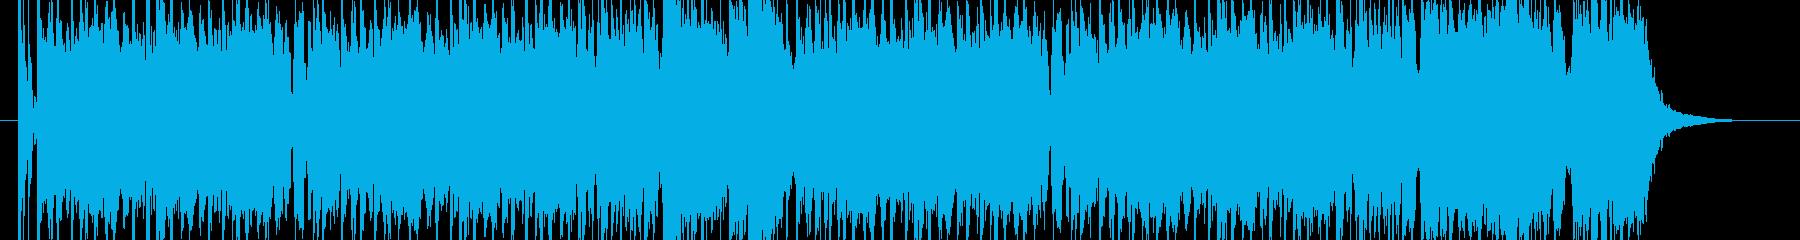 ワクワクするようなロックサウンドの再生済みの波形